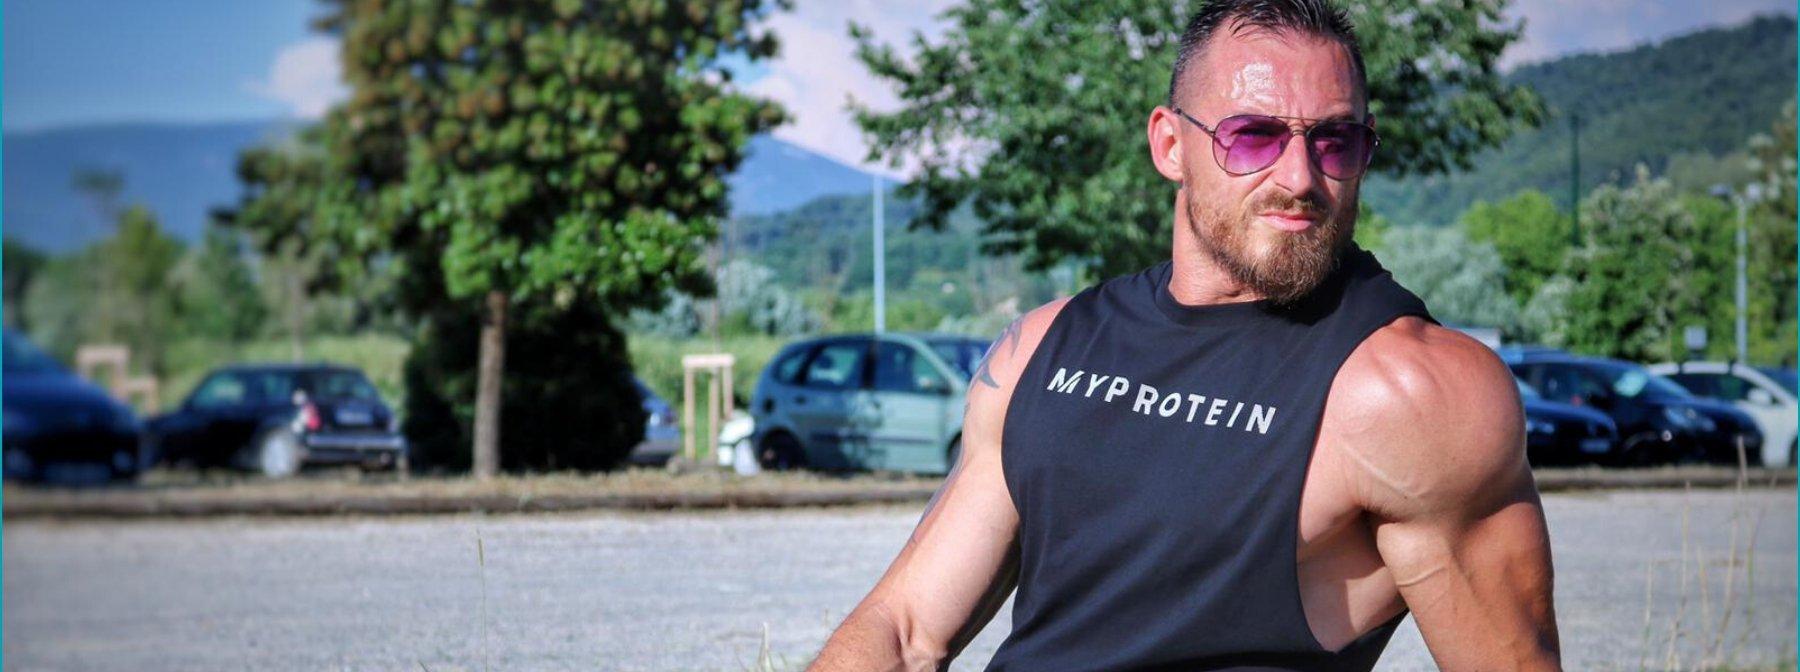 Entraînez-vous comme Fabien | Entraînement biceps